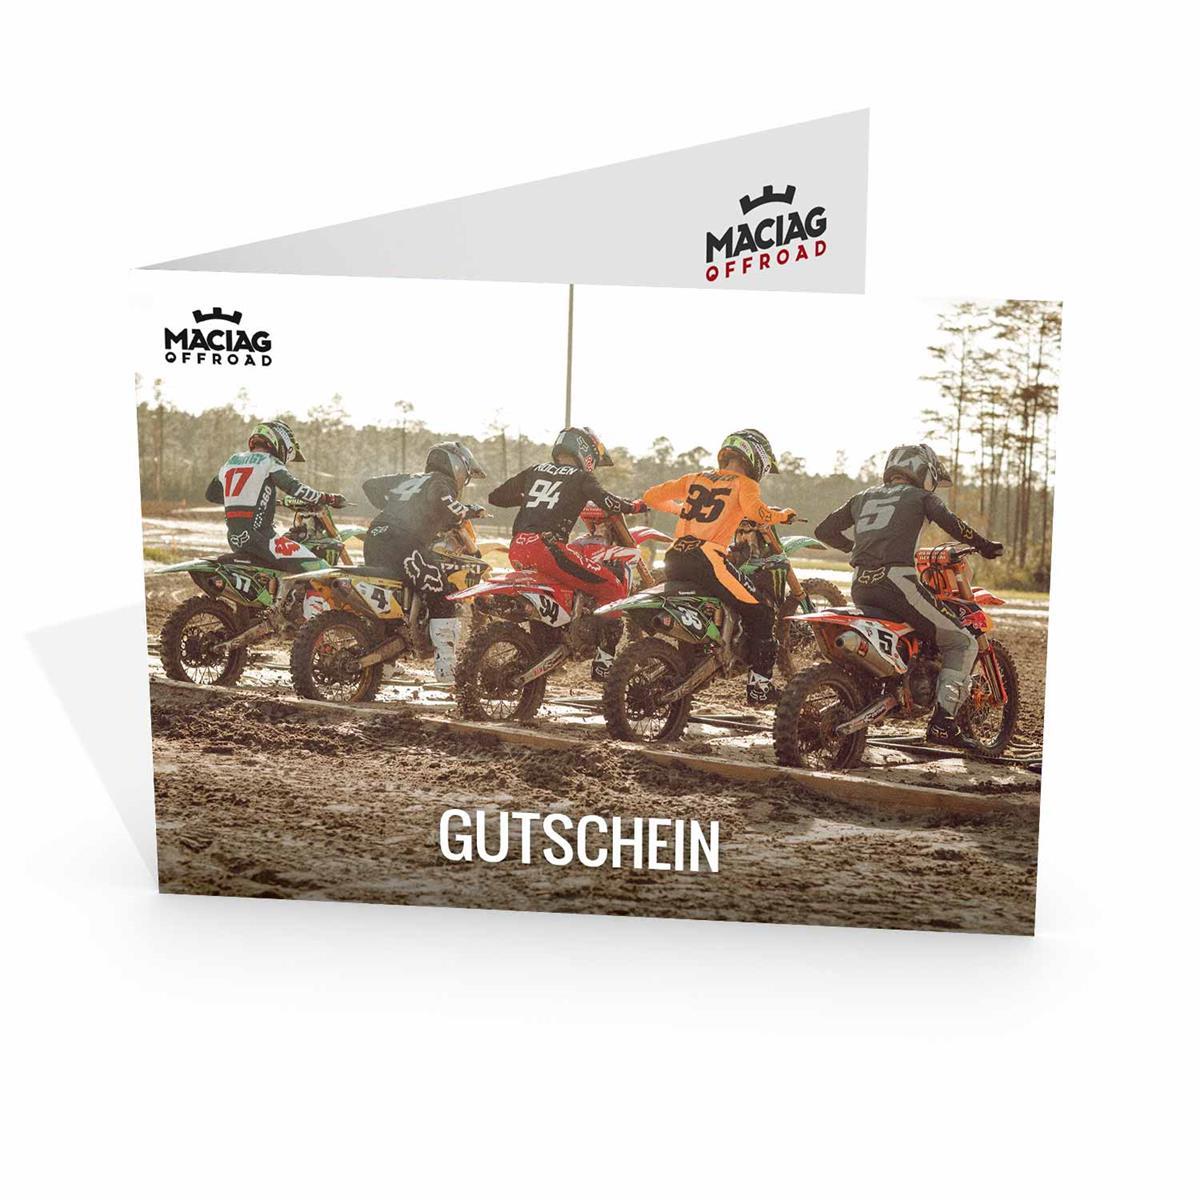 Maciag Offroad Gutschein Motocross-Motiv 2019 im Wert von 150.00 Euro